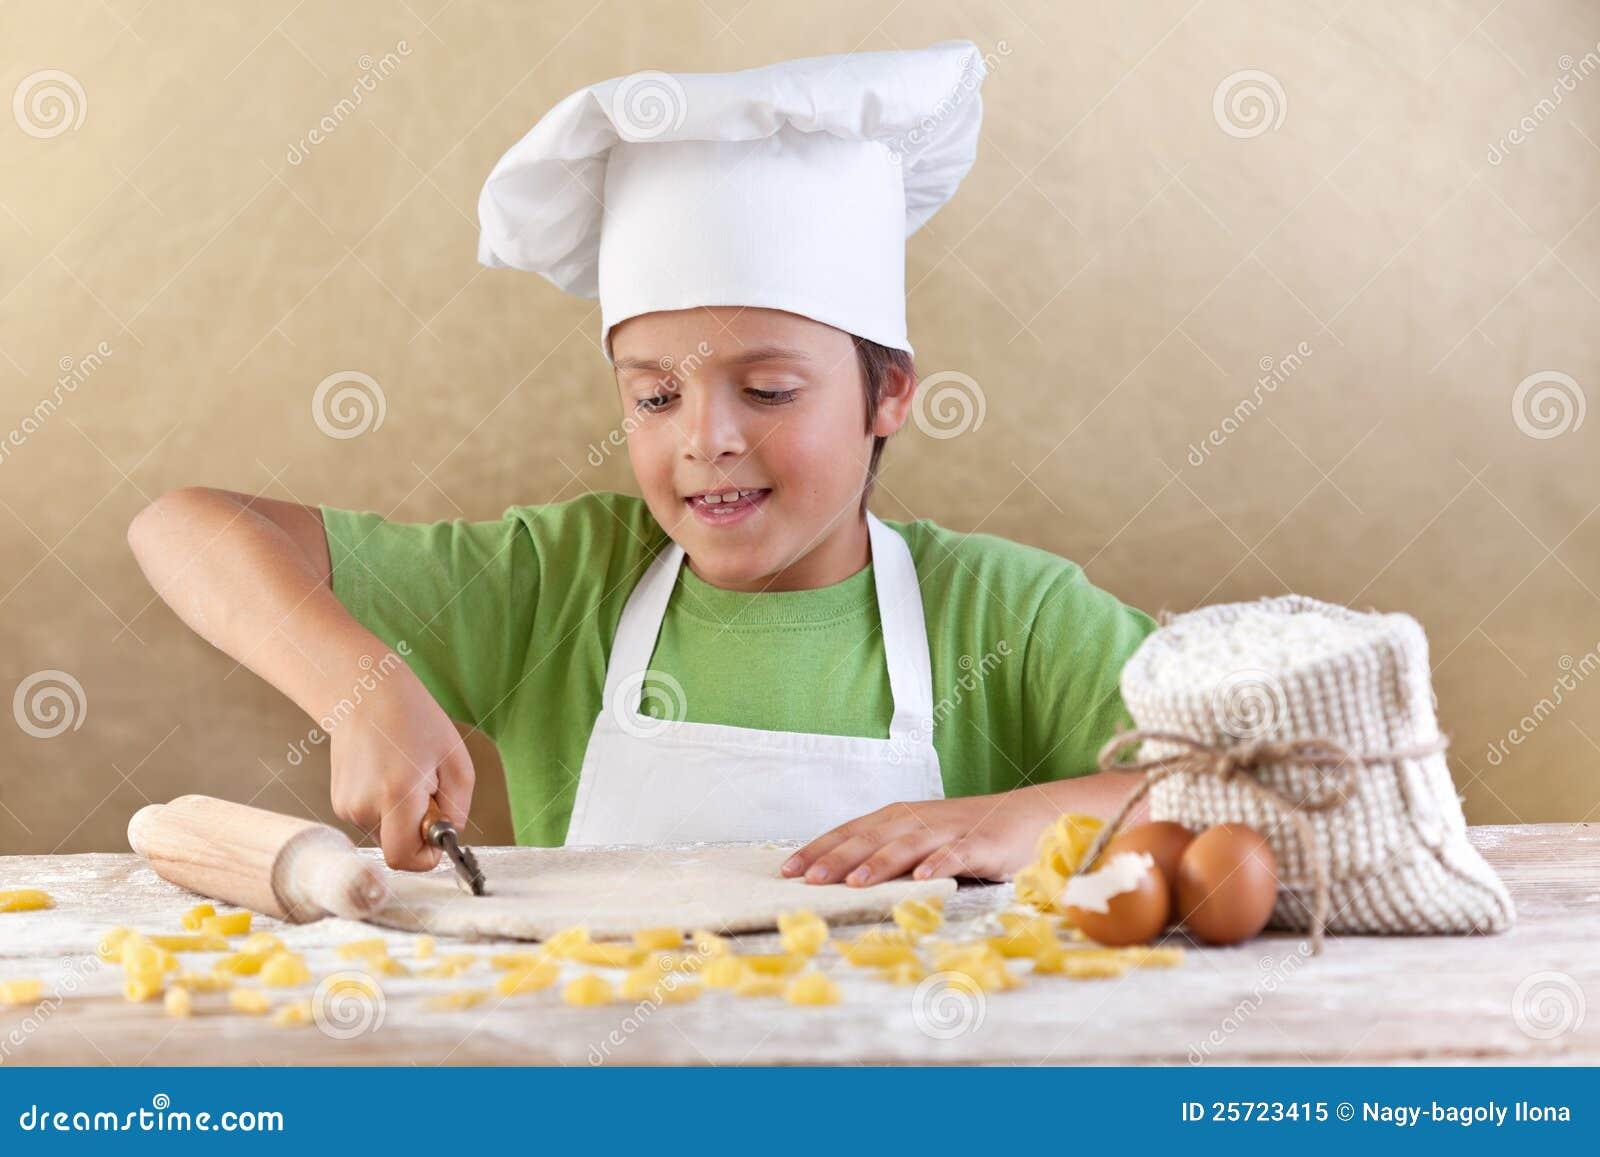 тесто вырезывания шеф-повара меньшие делая макаронные изделия